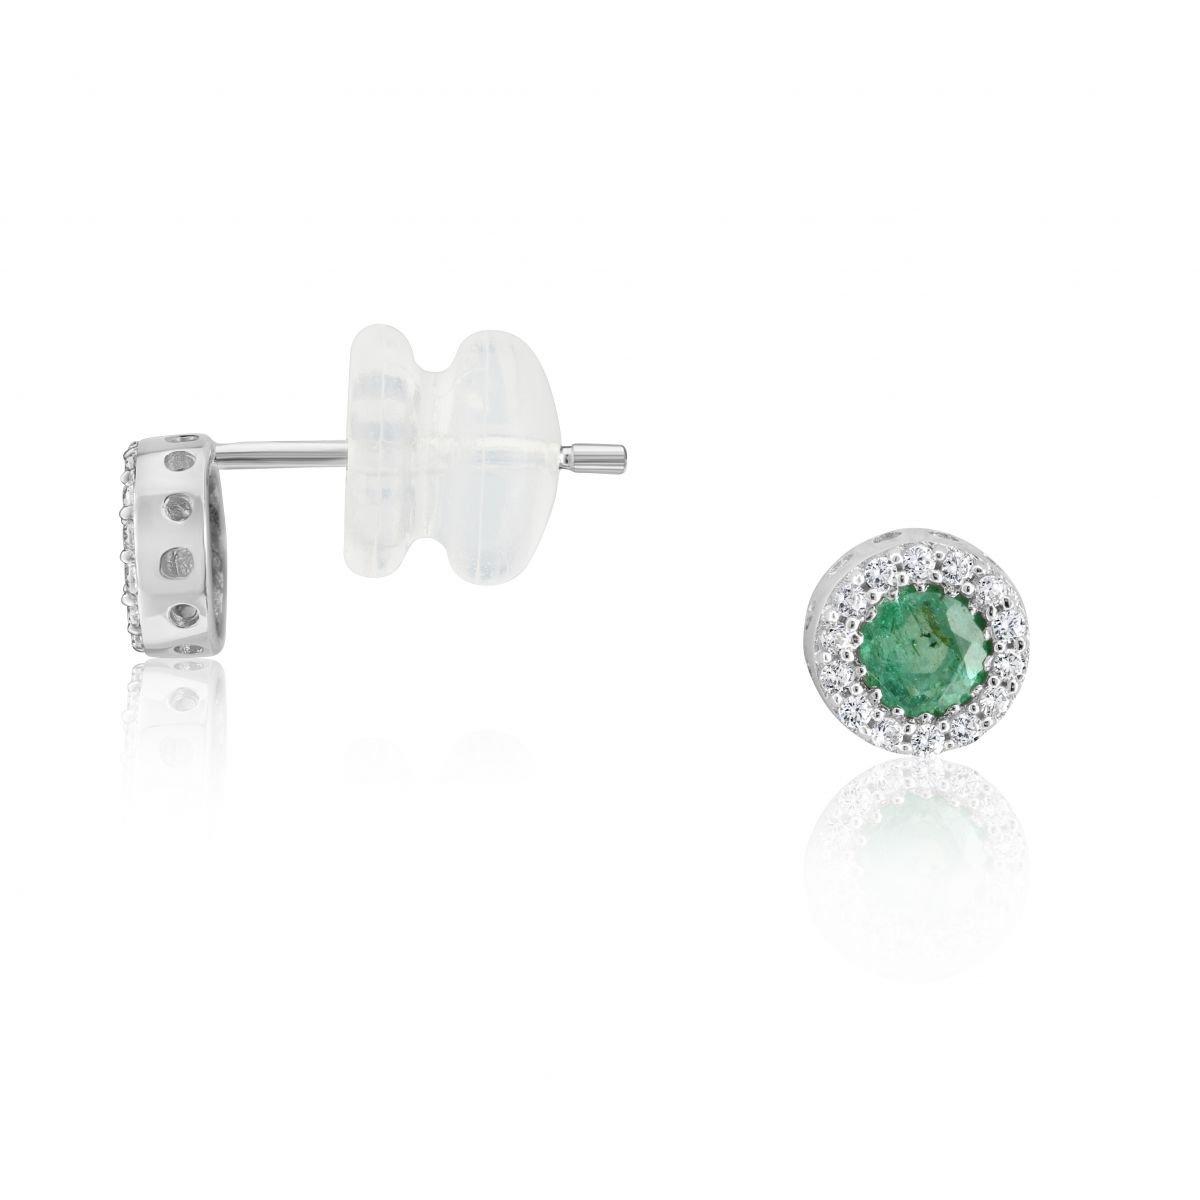 Ysora - Boucles D'oreilles En Or Gris Serties D'émeraudes Avec Entourage Oxydes - Or blanc - Diamètre : 0,5 cm 18273